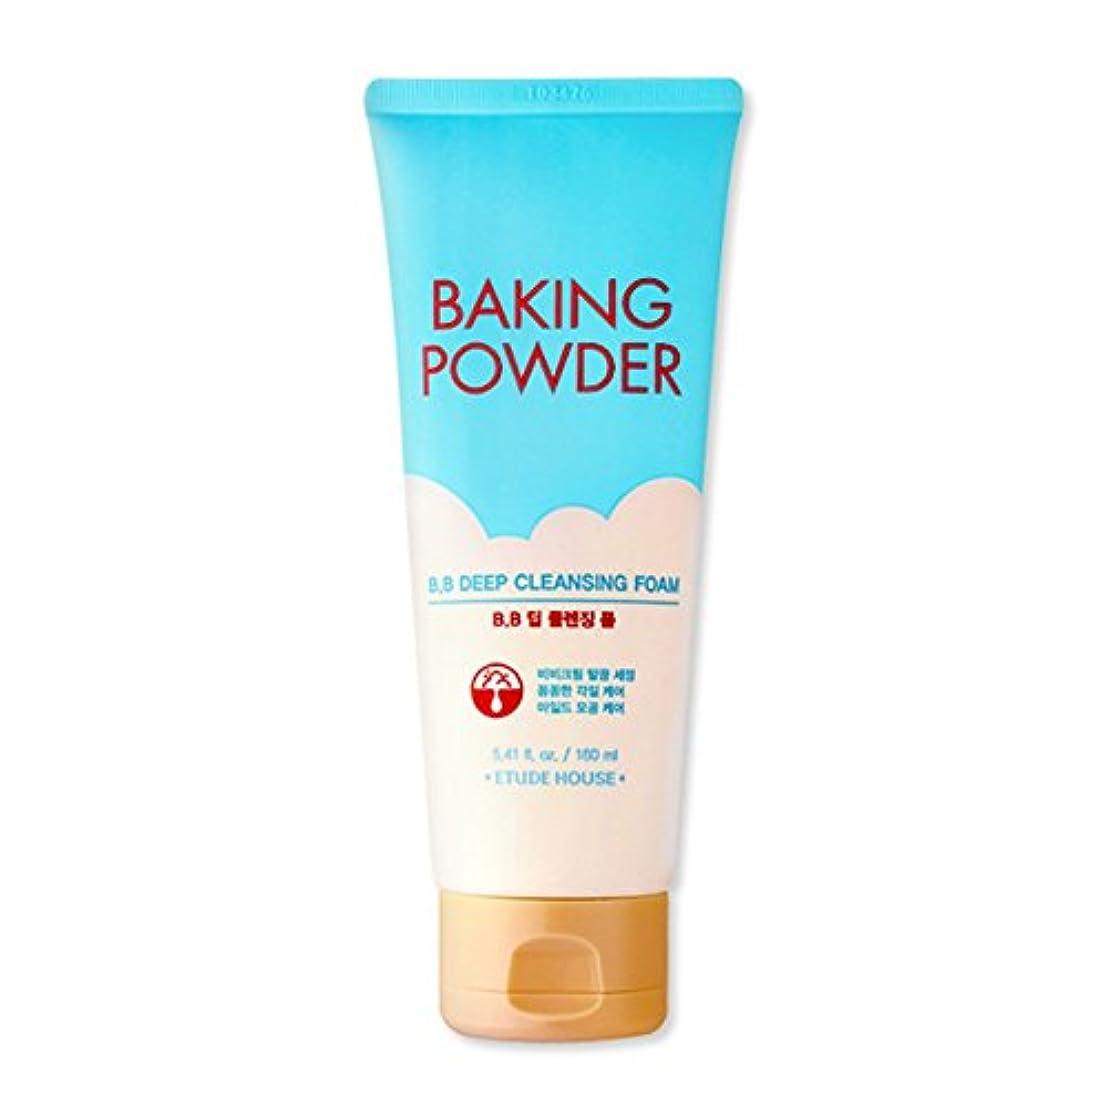 哲学博士銃寸前[2016 Upgrade!] ETUDE HOUSE Baking Powder B.B Deep Cleansing Foam 160ml/エチュードハウス ベーキング パウダー B.B ディープ クレンジング フォーム 160ml